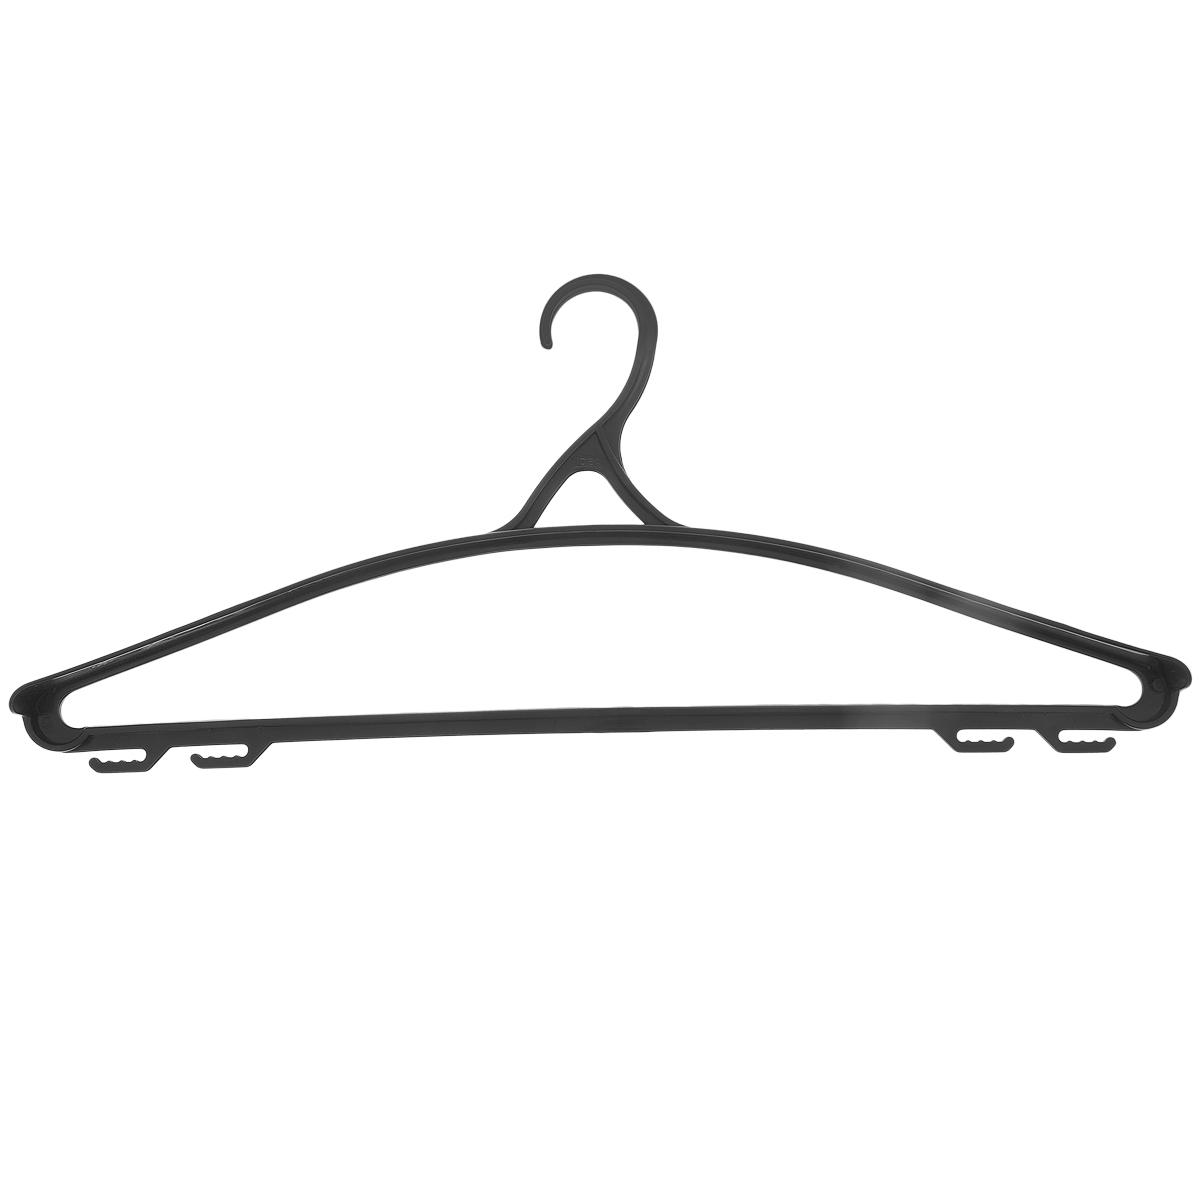 Вешалка для одежды М-пластика, цвет: черный, размер 50-52RG-D31SУниверсальная вешалка для одежды М-пластика выполнена из легкого пластика.Изделие оснащено перекладиной и четырьмя крючками.Вешалка - это незаменимая вещь для того, чтобы ваша одежда всегда оставалась в хорошем состоянии.Размер одежды: 50-52.